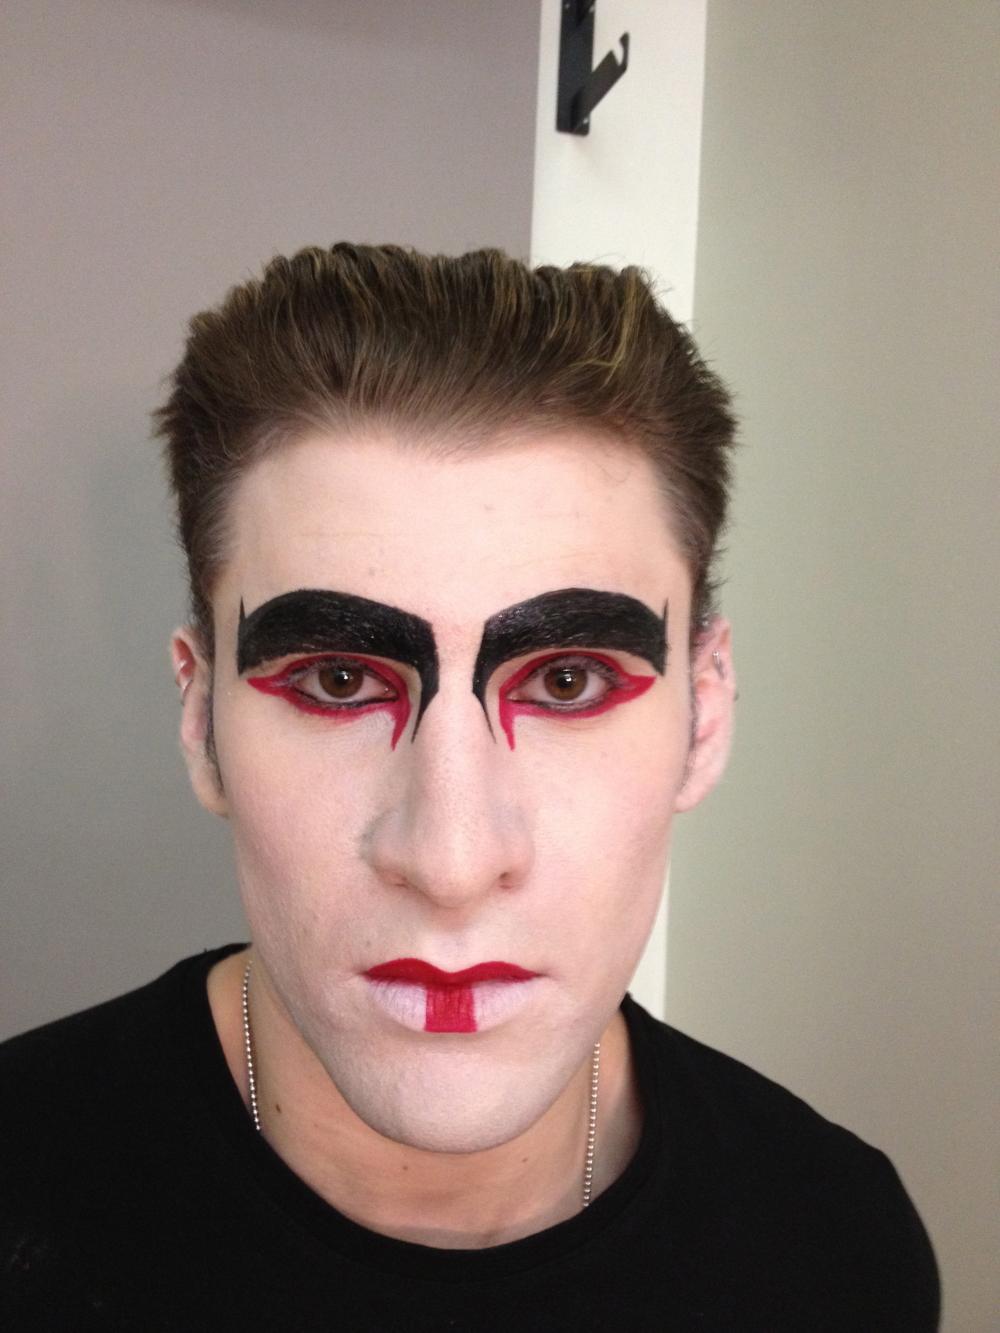 Playing with Kabuki